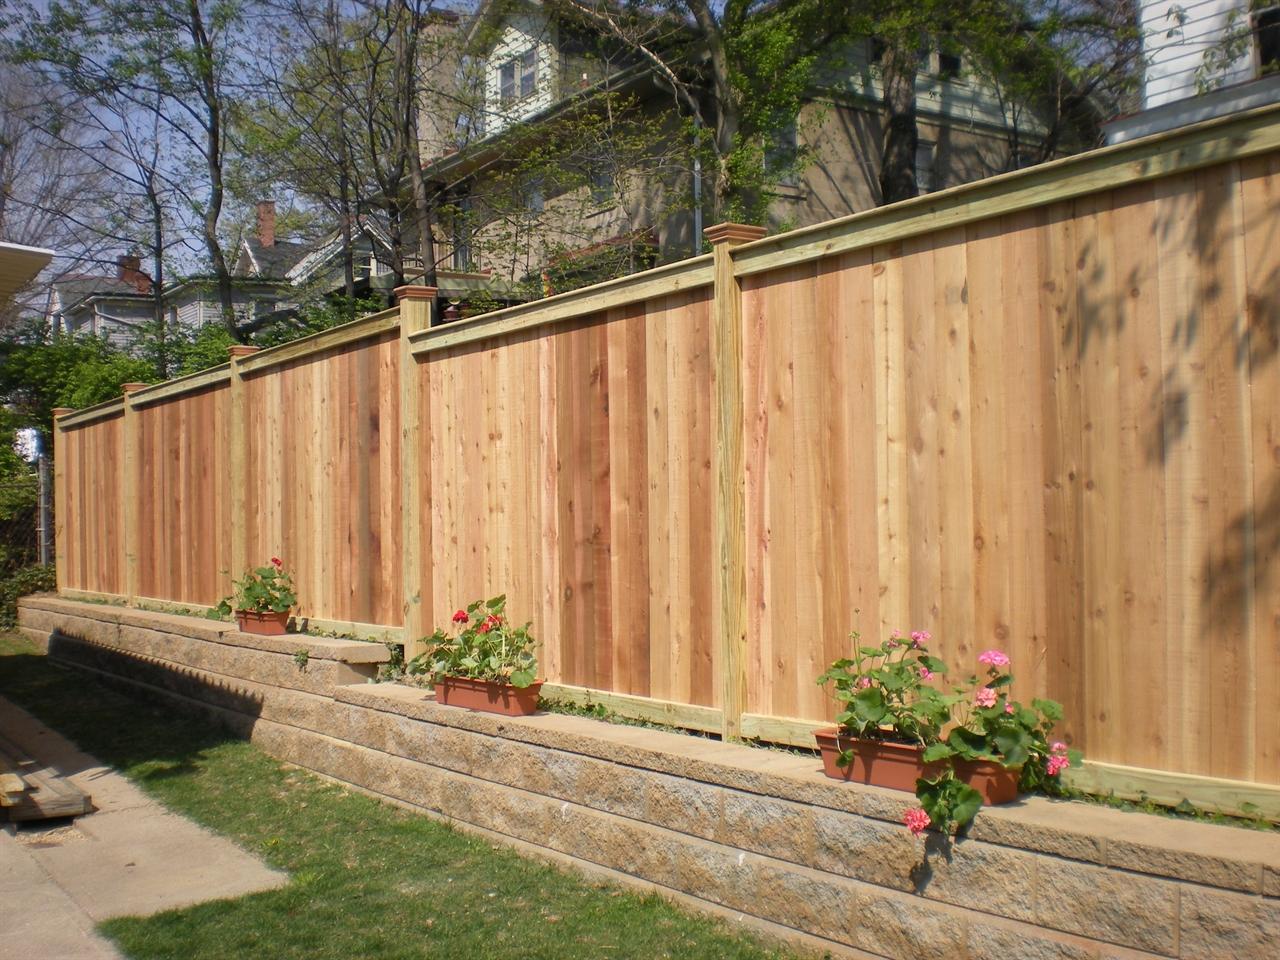 Ohio Fence Company Eads Fence Co Good Neighbor Privacy